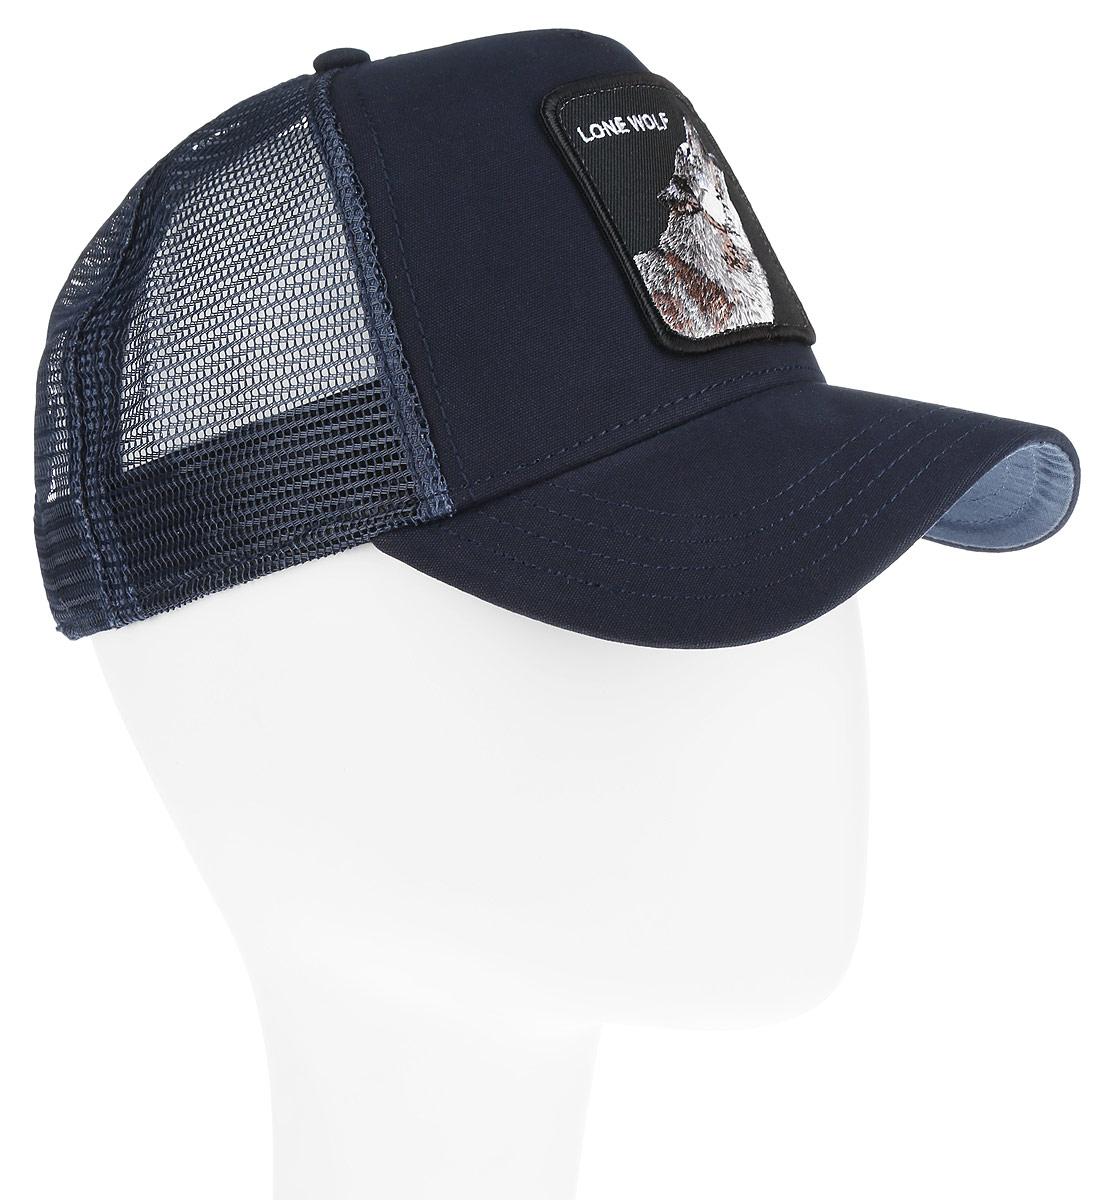 Бейсболка Goorin Brothers, цвет: темно-синий, черный. 90-279-06-00. Размер универсальный